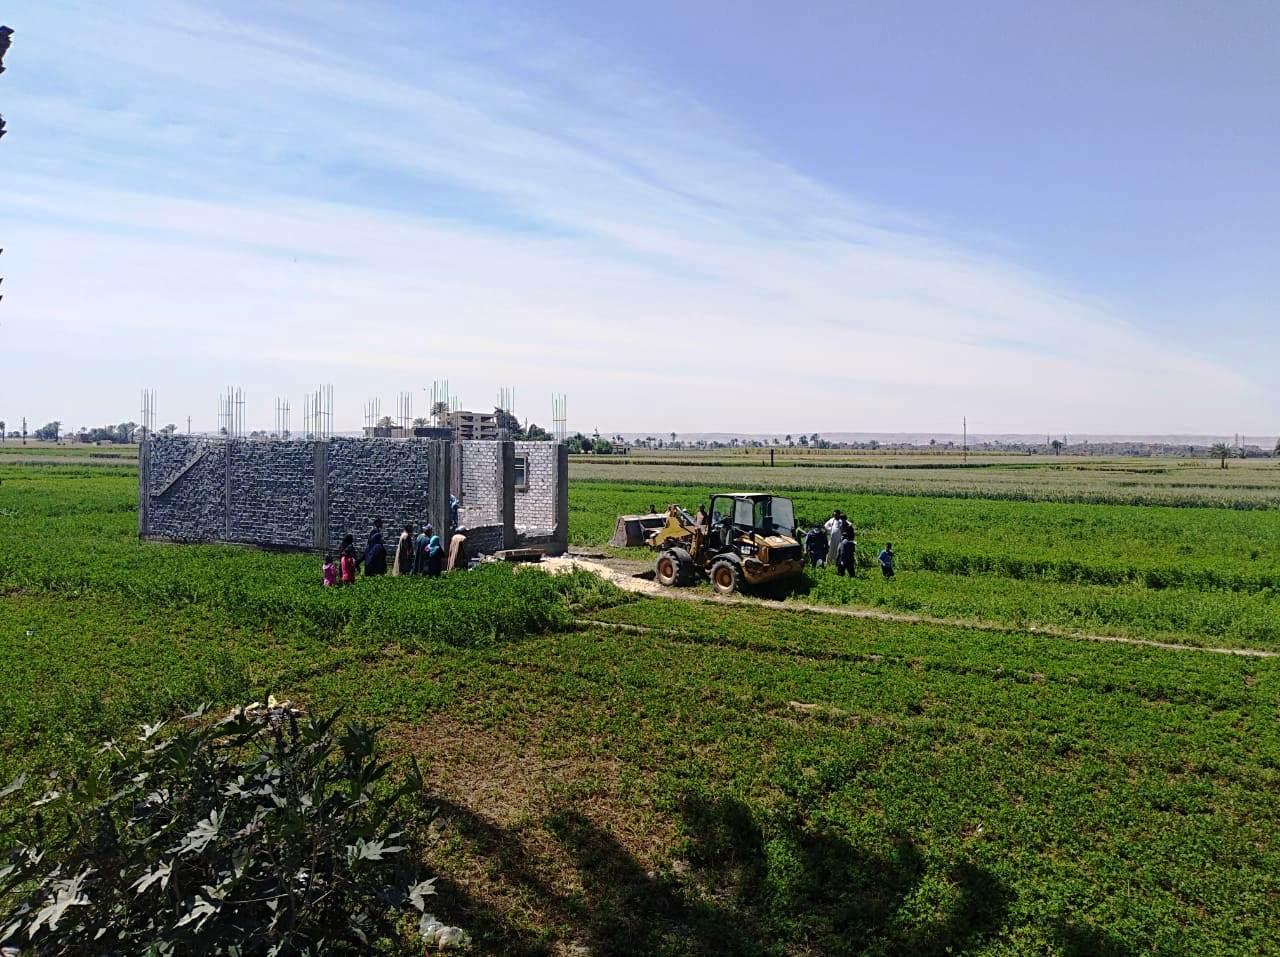 استمرار حملات إزالة مخالفات البناء والتعدي على الارض الزراعية بمراكز المحافظة (19)